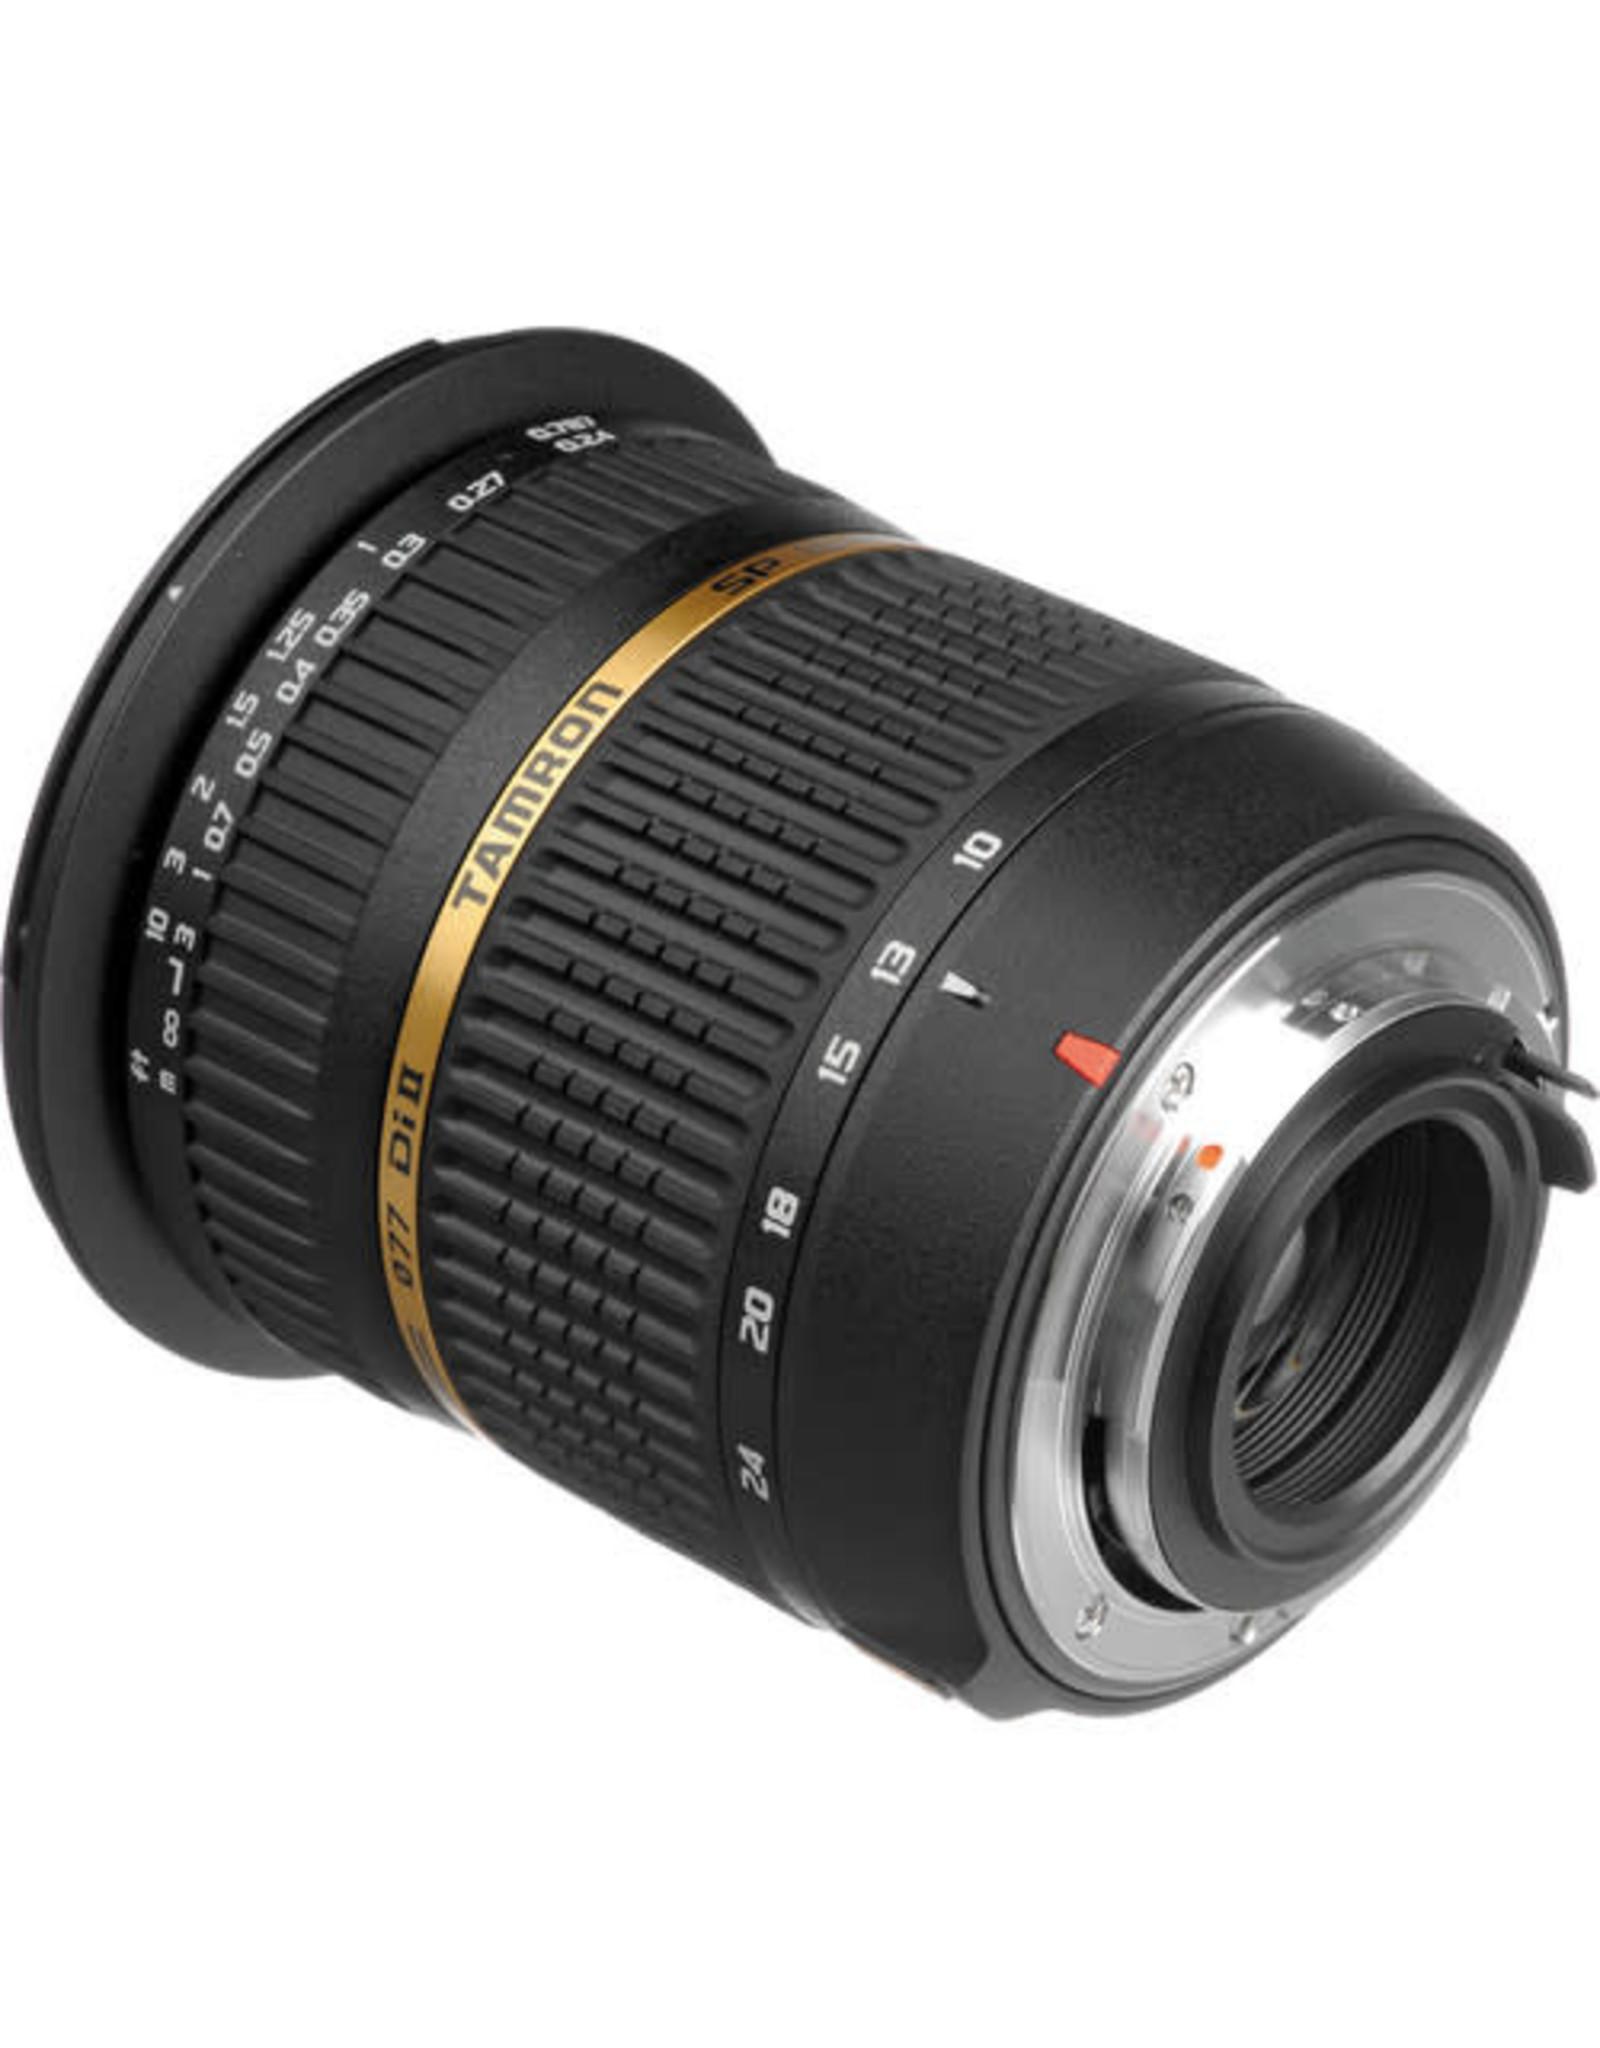 Tamron Tamron SP 10-24mm f3.5-4.5 Di-II LD Aspherical (IF) w/hood